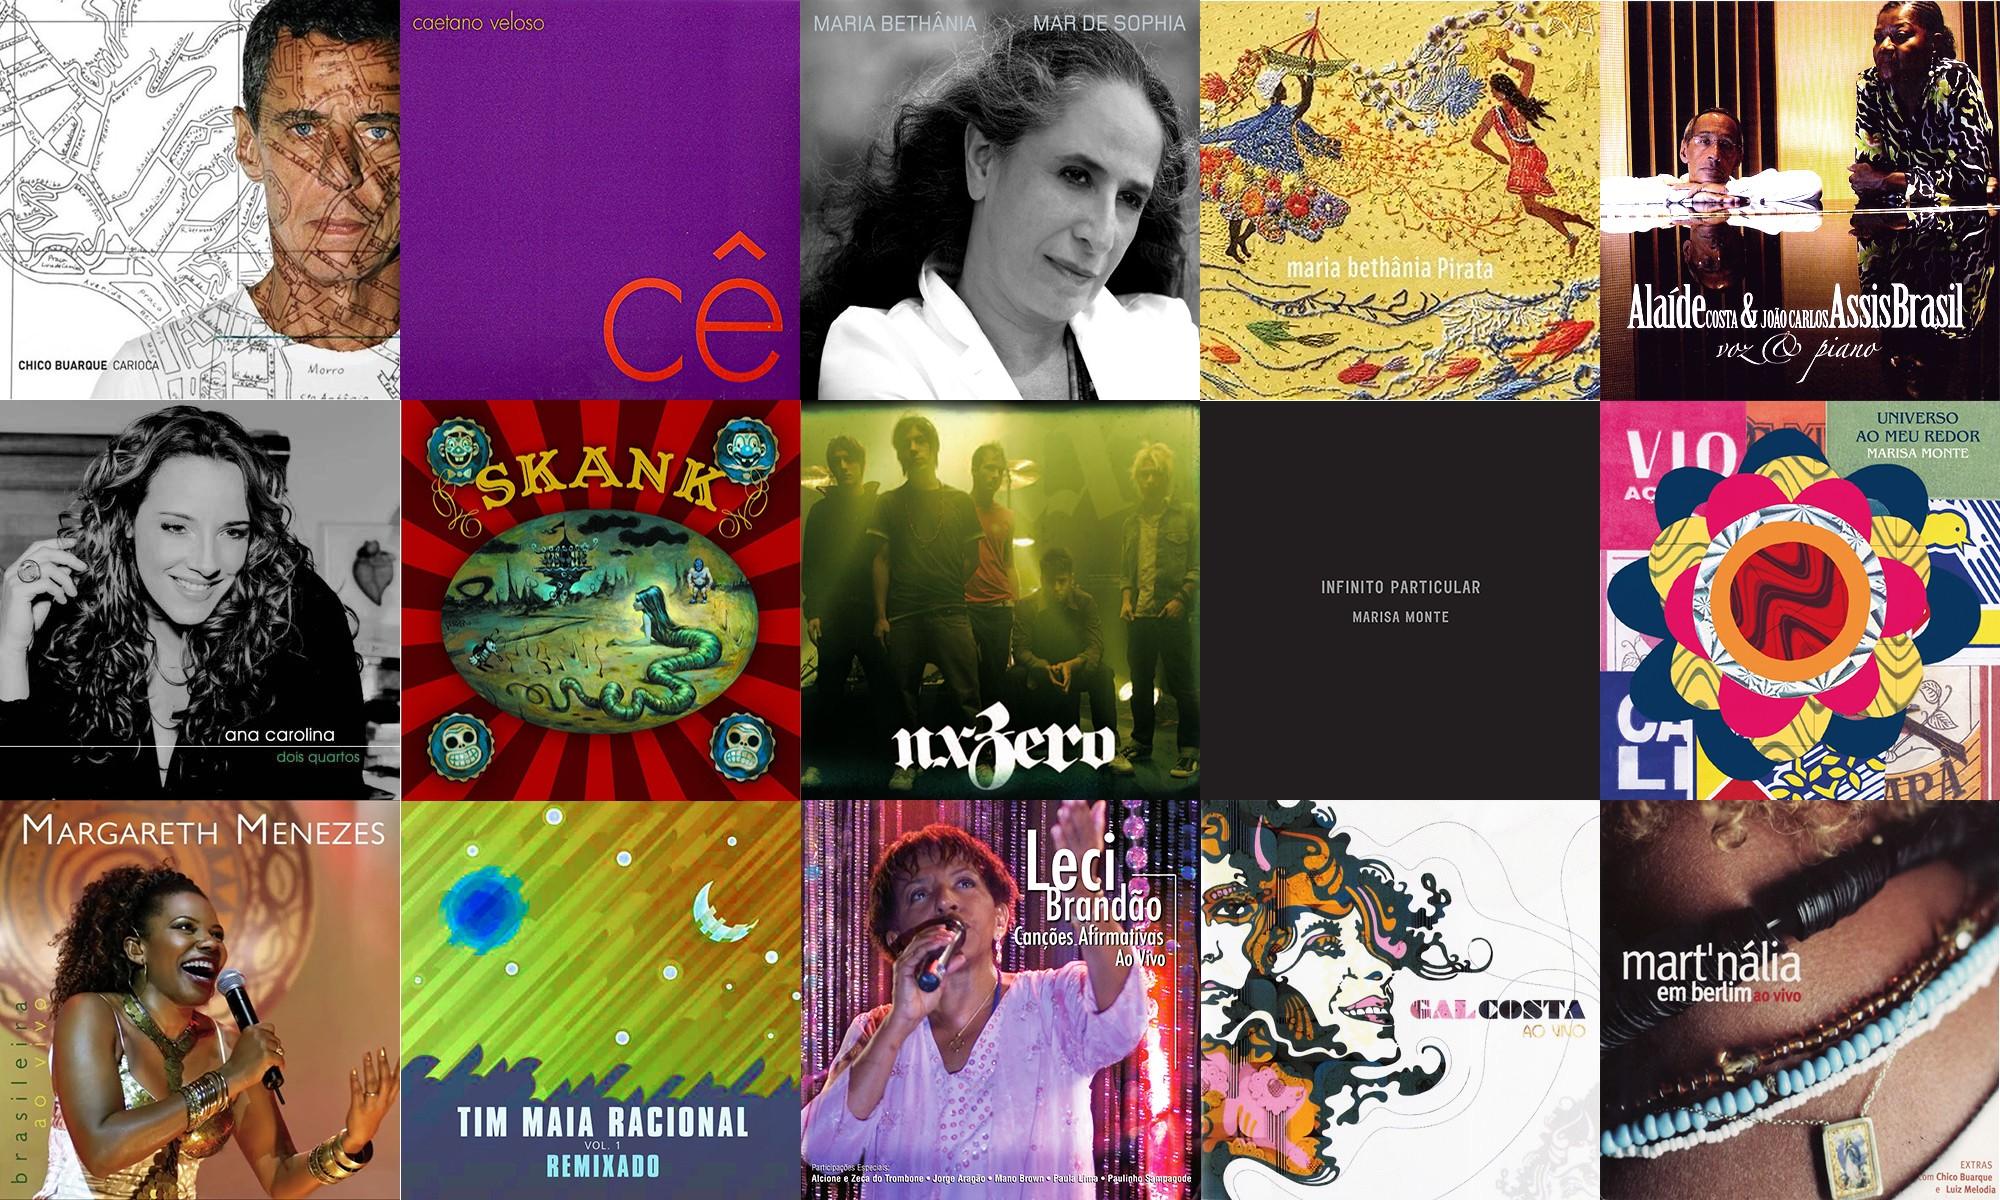 Eis 15 álbuns brasileiros que, como o G1, chegaram ao mundo em 2006, há 15 anos